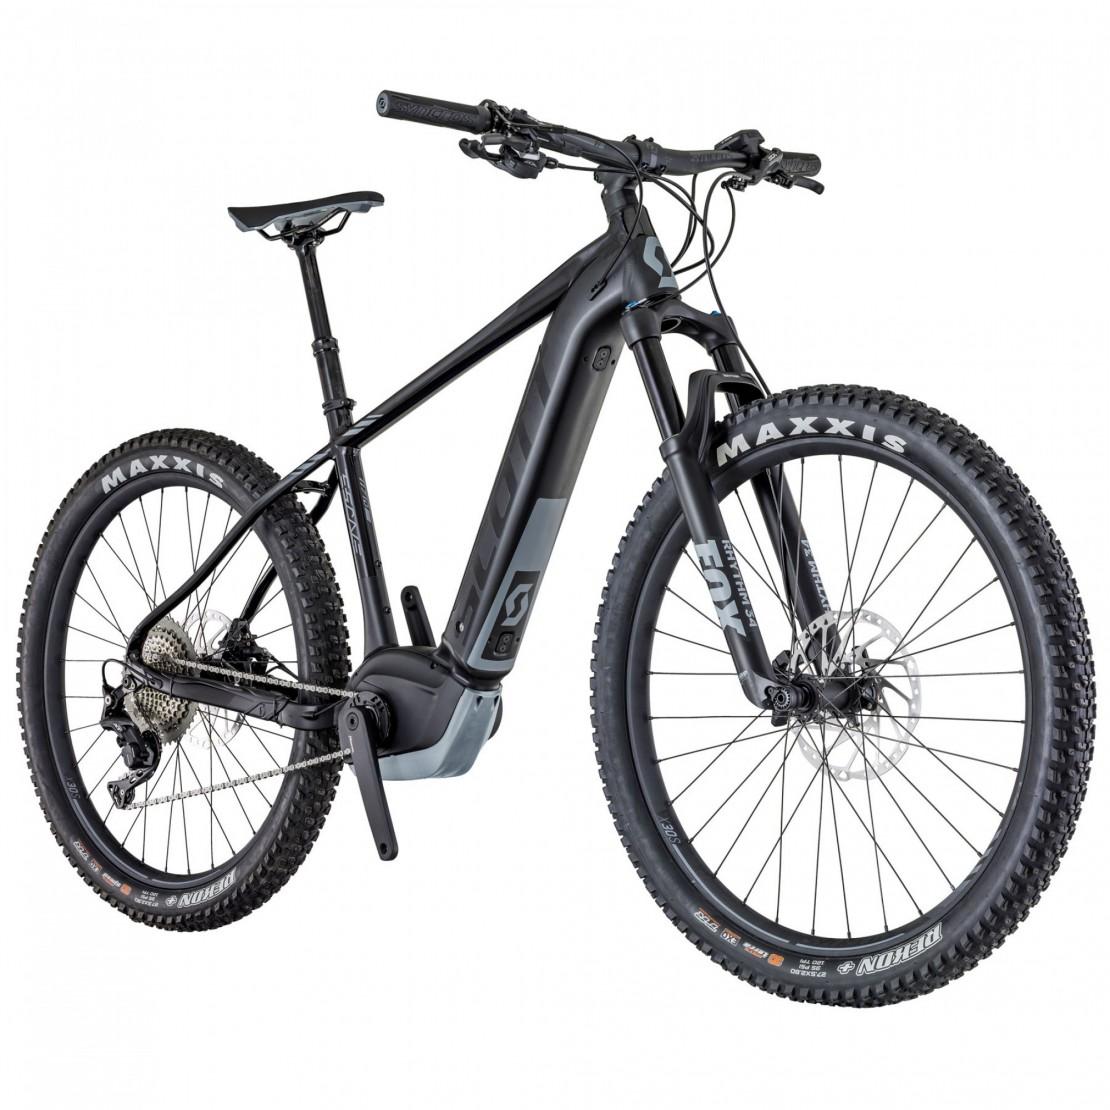 Scott E-Scale 710 2018 Electric Bike